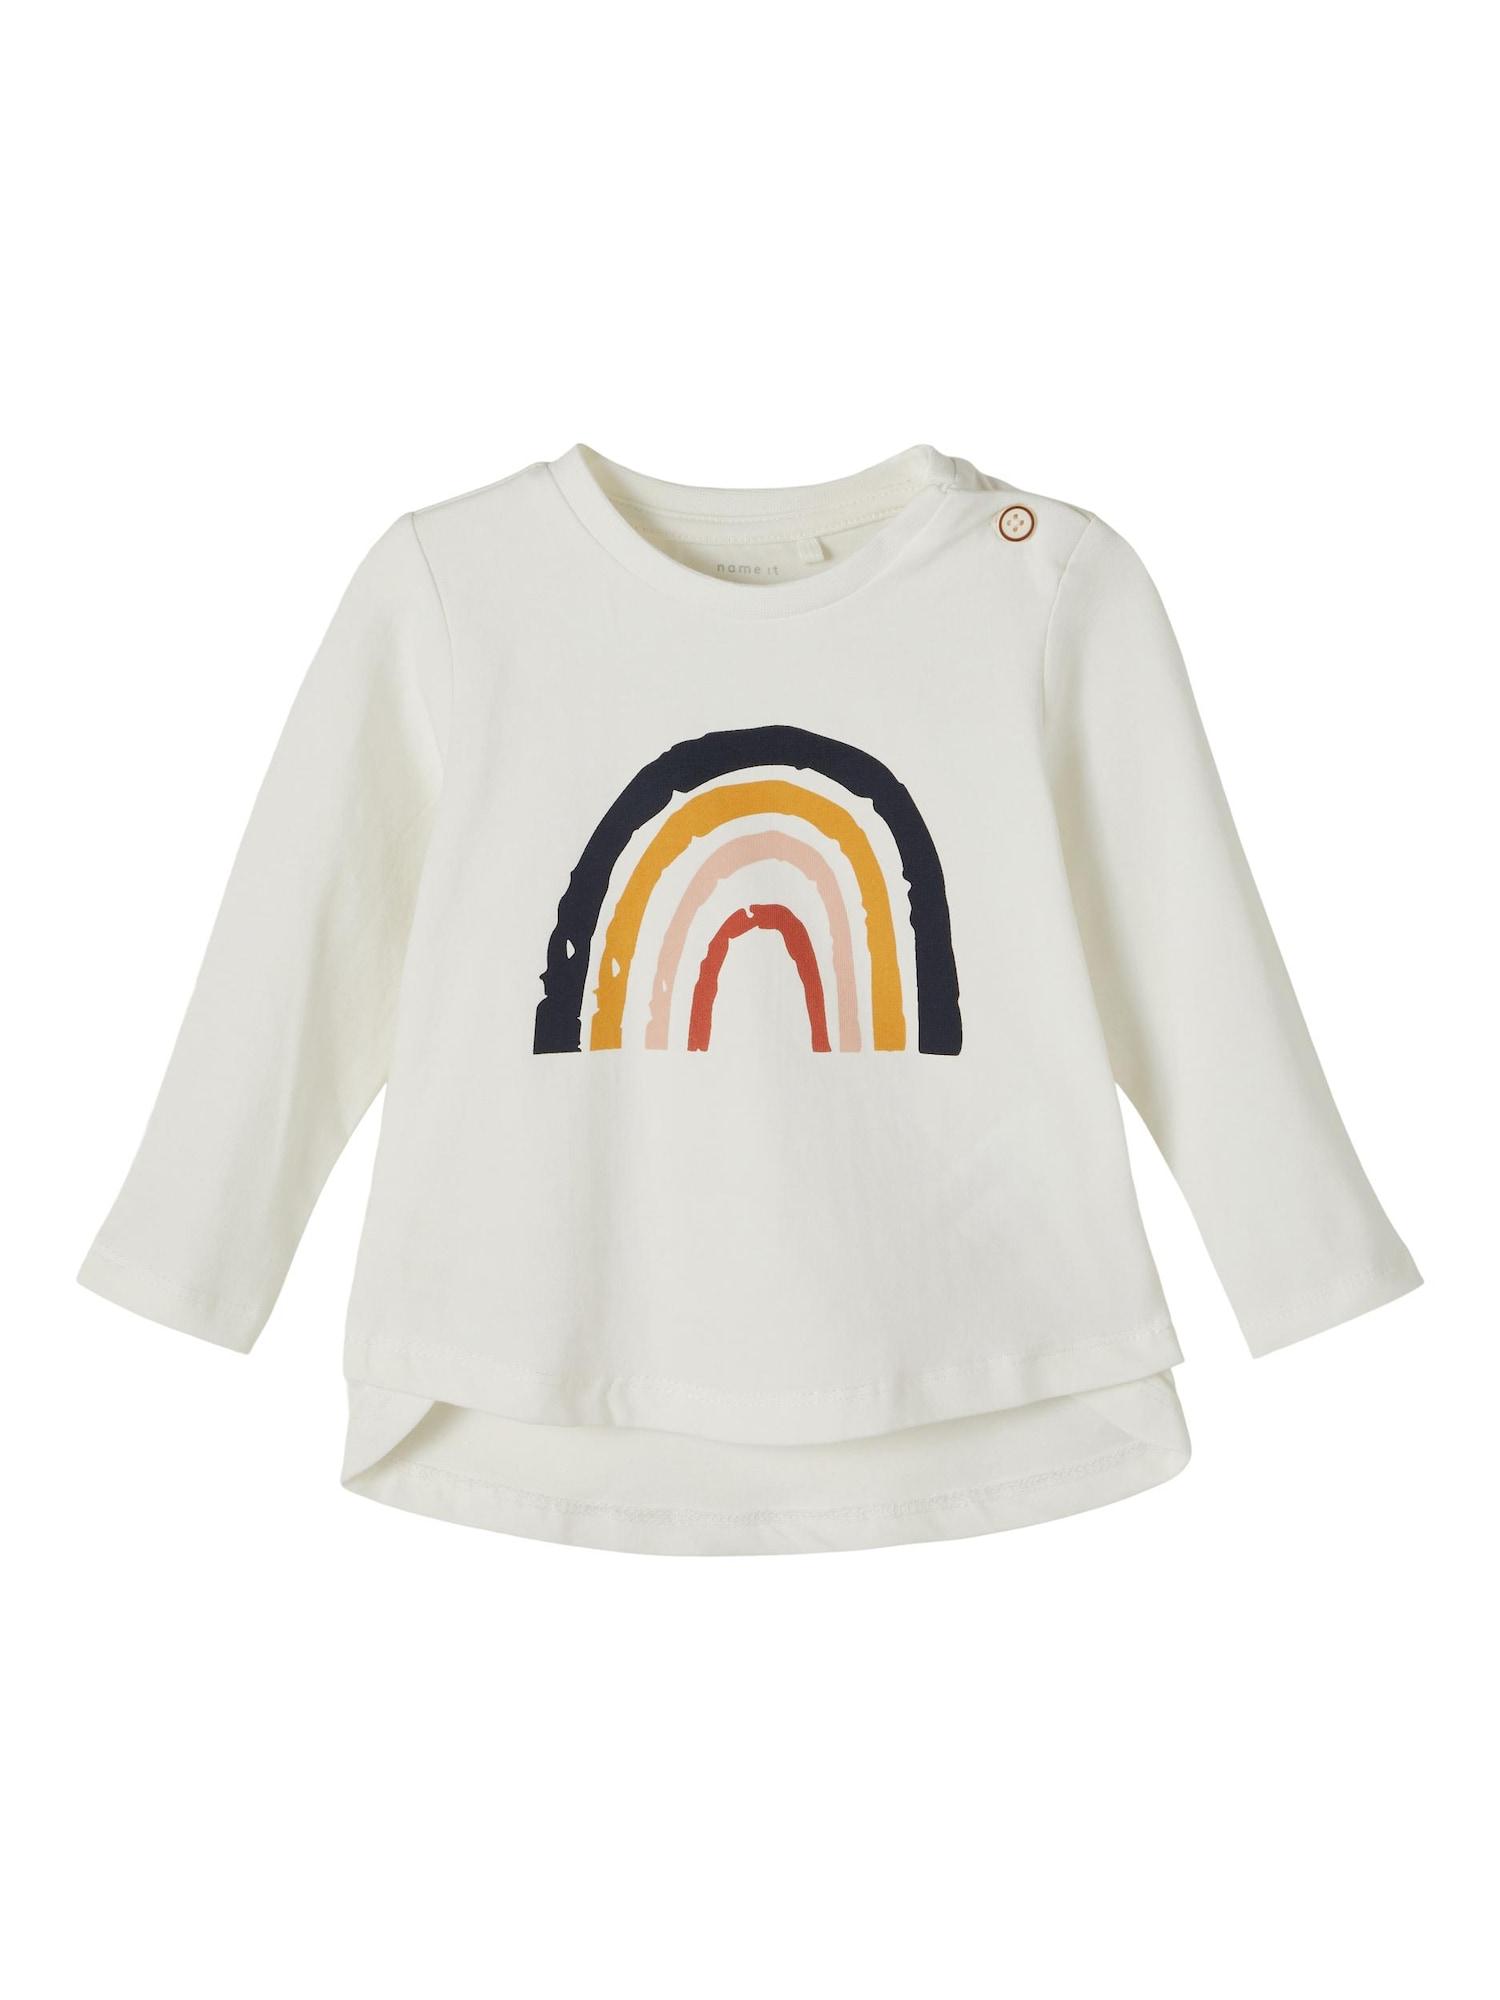 NAME IT Marškinėliai 'Daisi' balkšva / tamsiai mėlyna / aukso geltonumo spalva / rožių spalva / pastelinė raudona